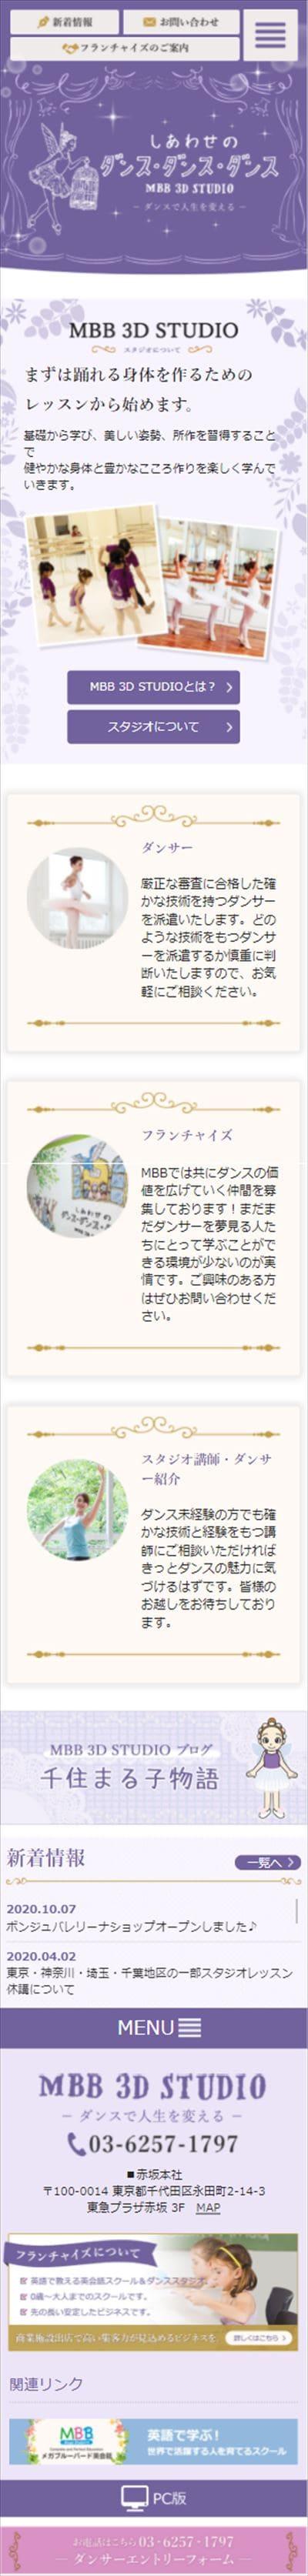 MBB 3D STUDIO